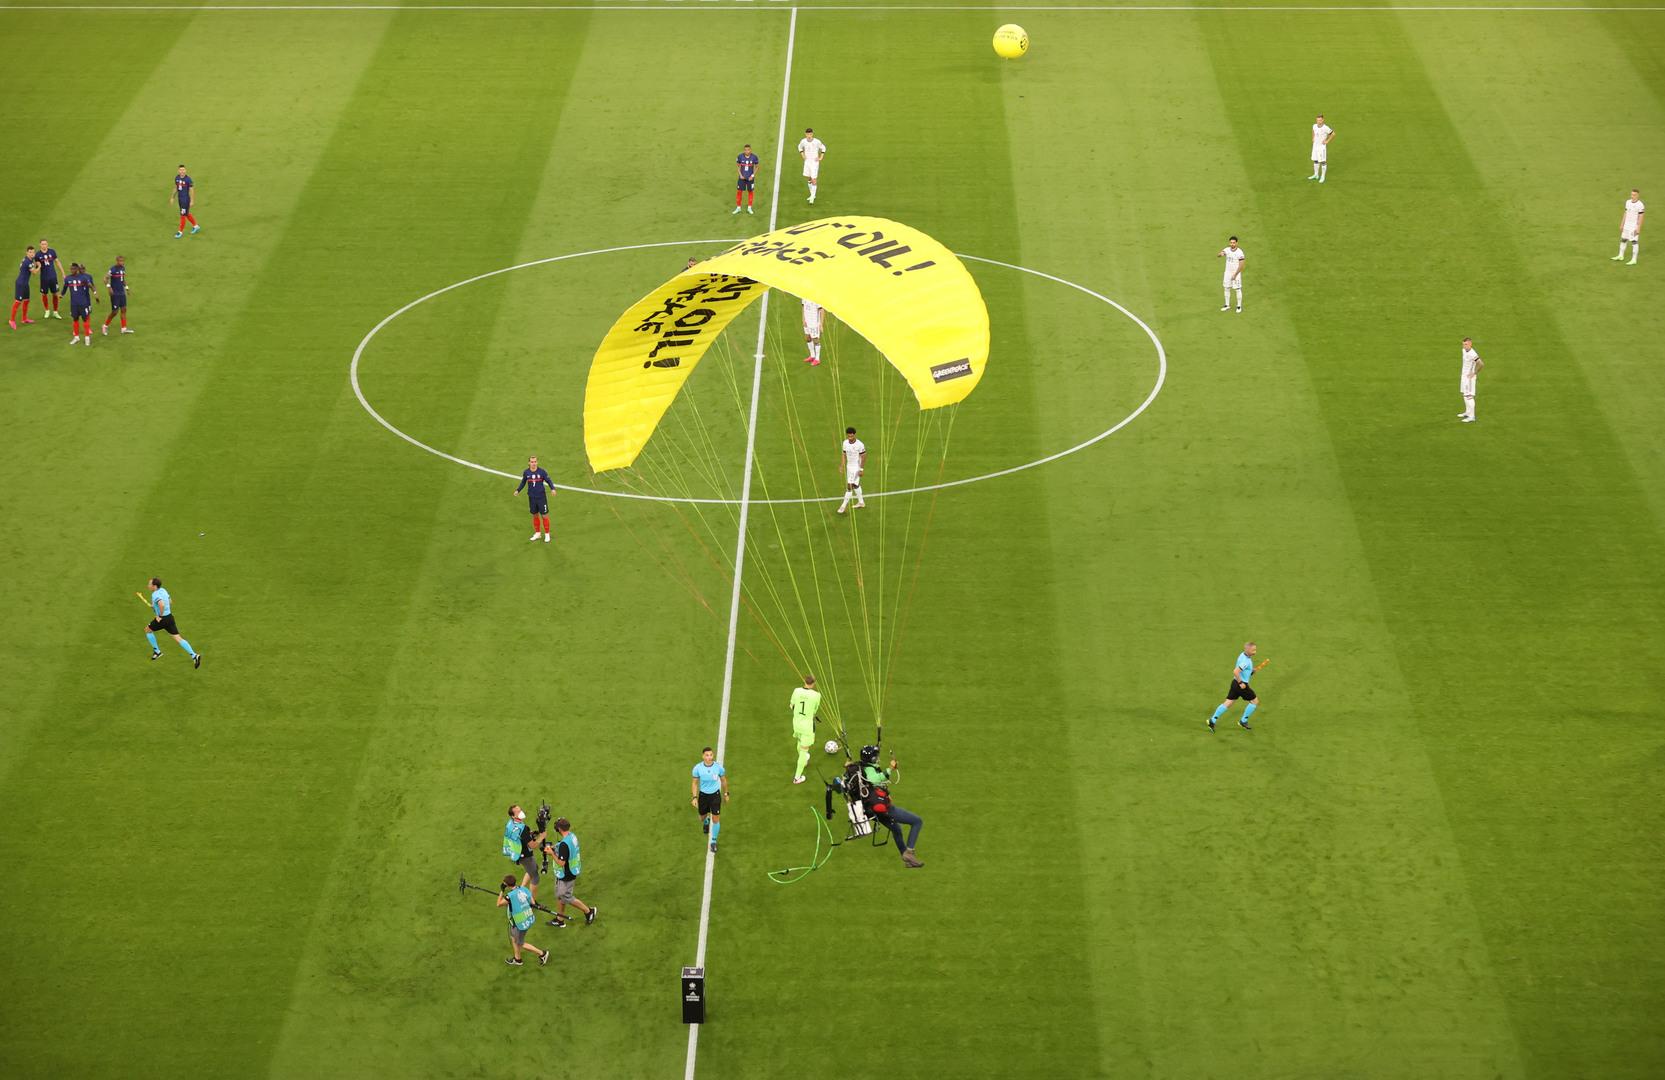 تفاصيل جديدة بشأن الاقتحام المظلي في مباراة فرنسا وألمانيا (فيديو)